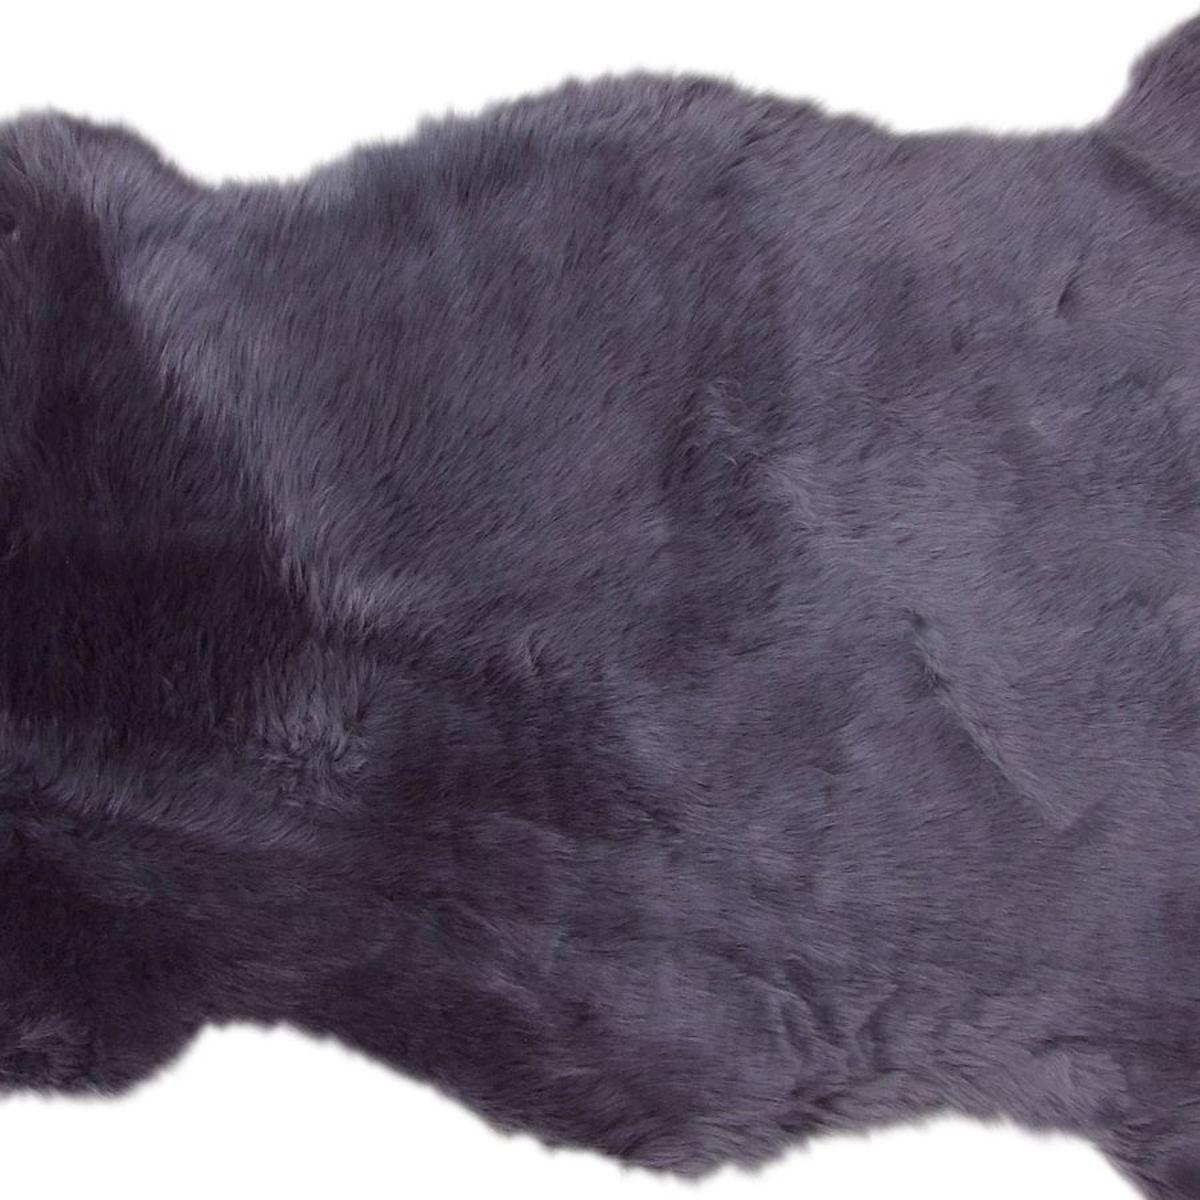 Bild 3 von Schaffellteppich 90x60cm Anthrazit